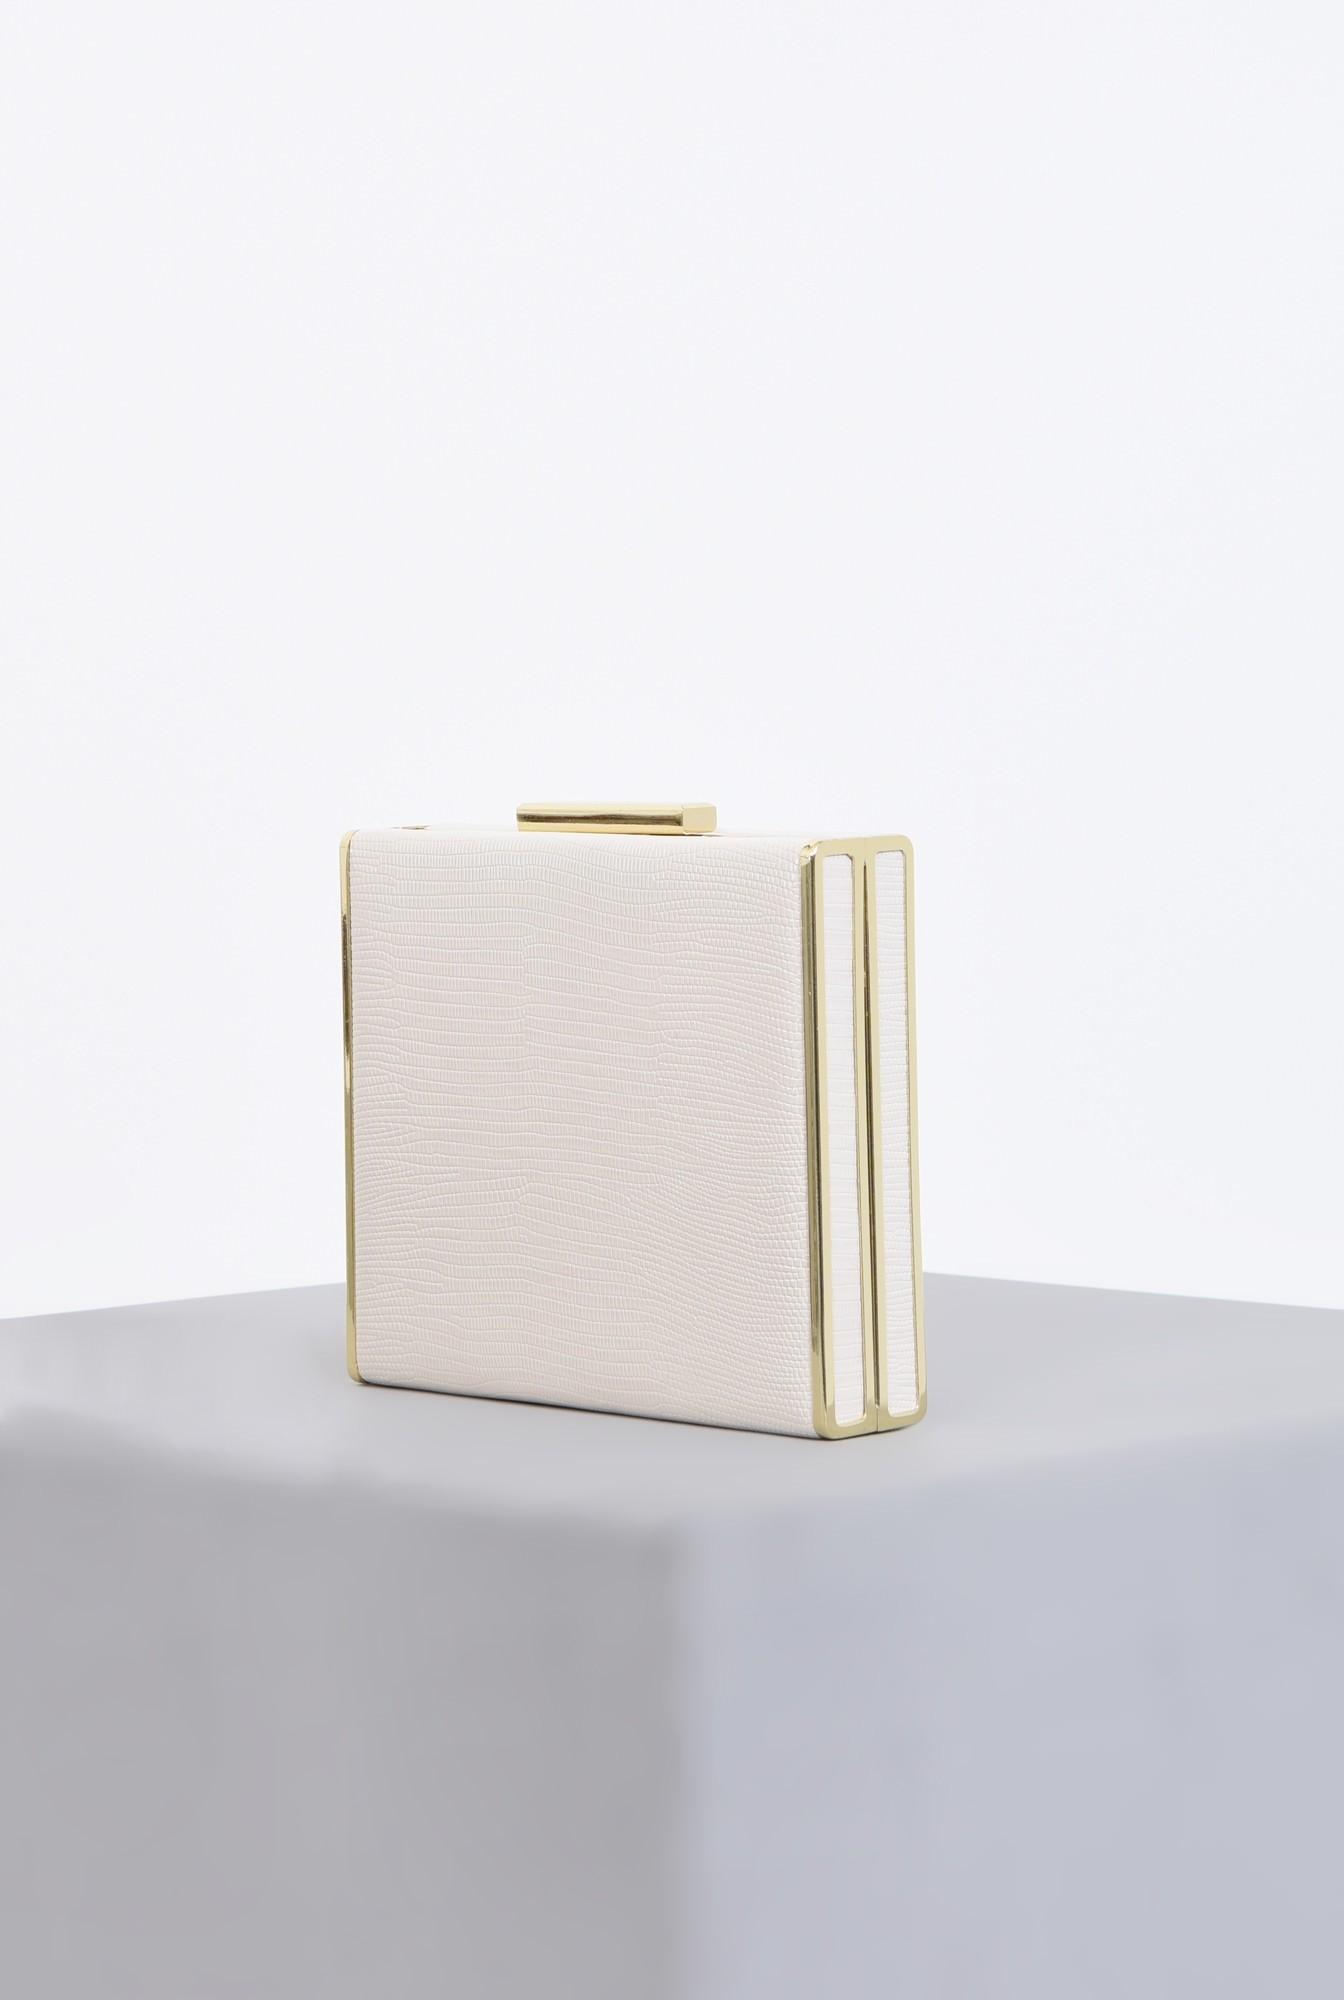 1 - clutch alb, auriu, accesorii, lant